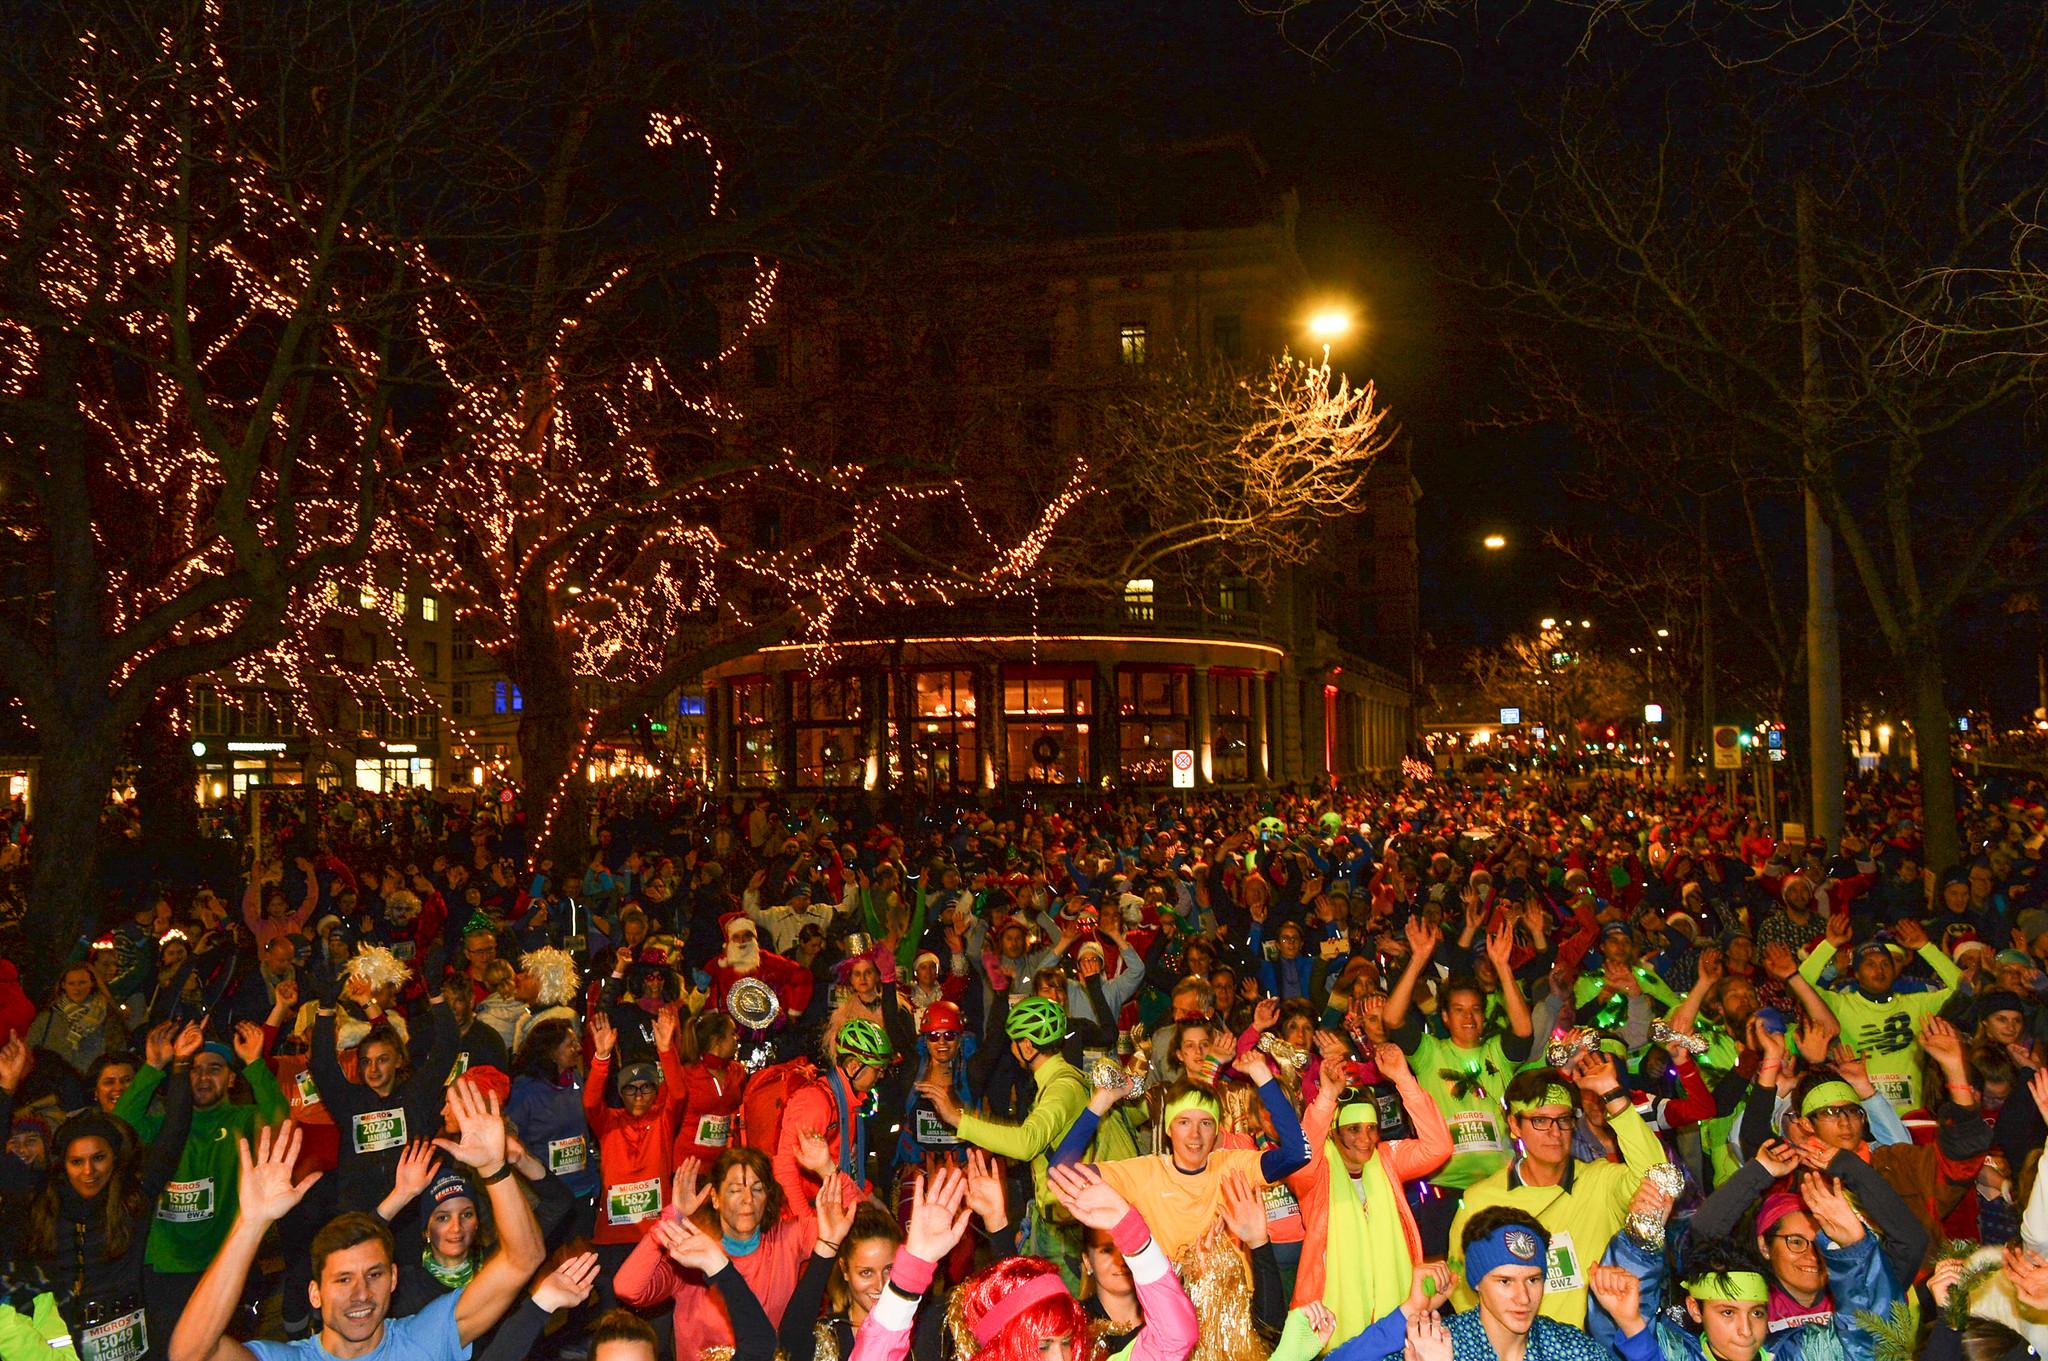 Zürcher Silvesterlauf | Weihnachten in Zürich